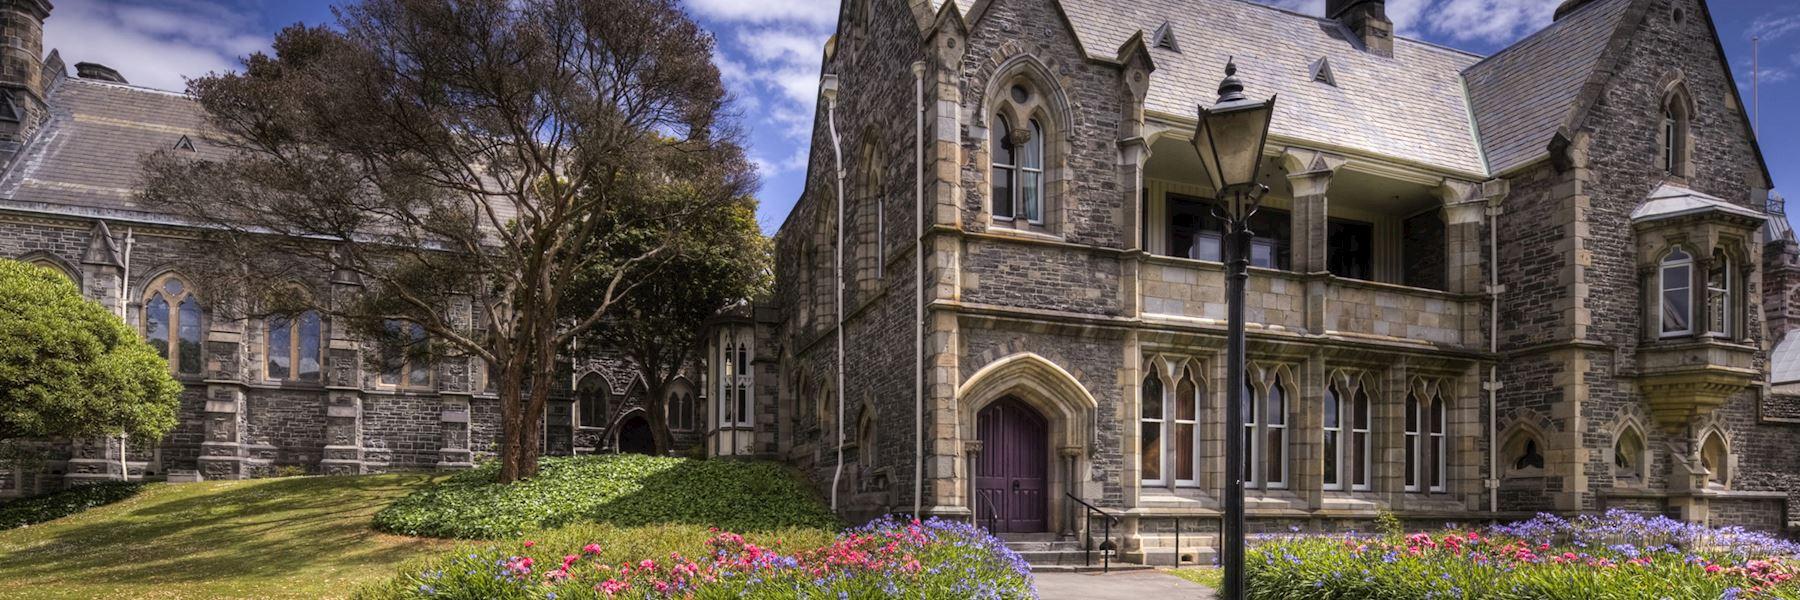 Visit Christchurch, New Zealand